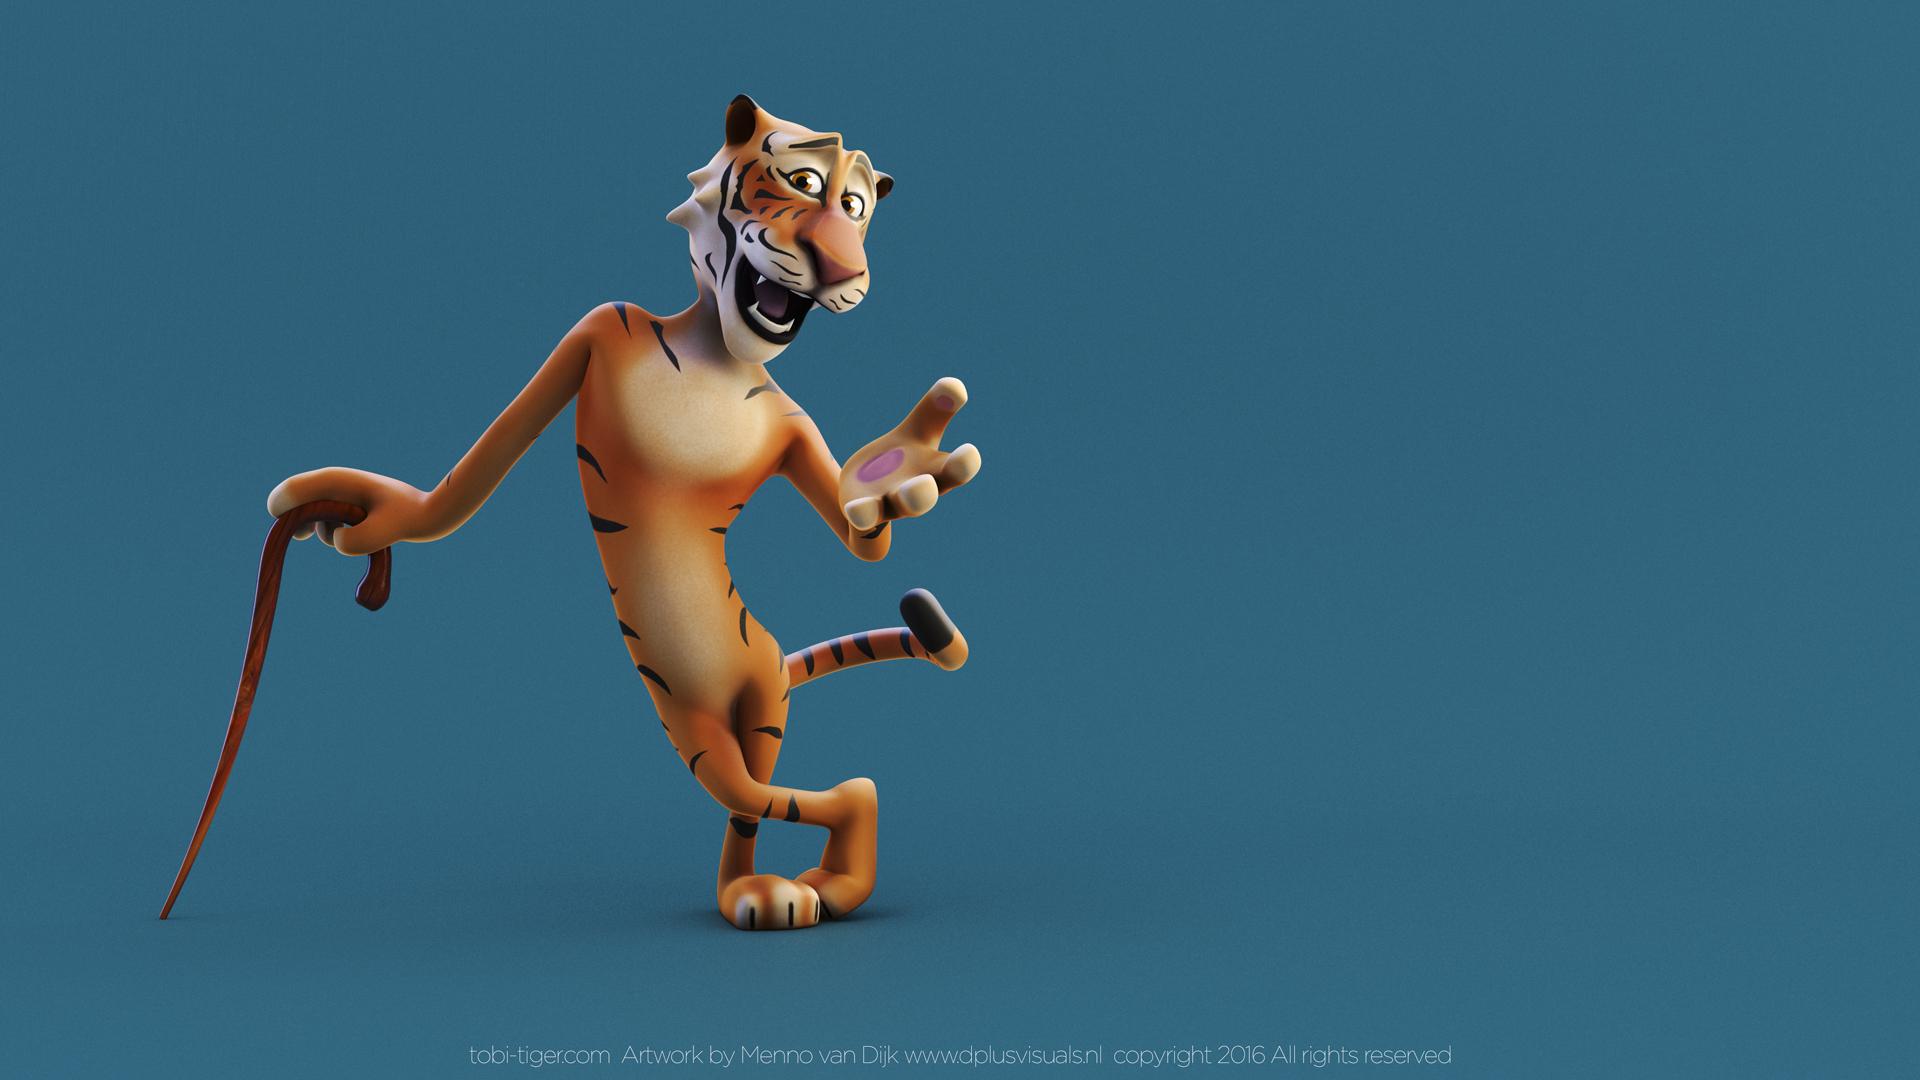 tobi-tiger